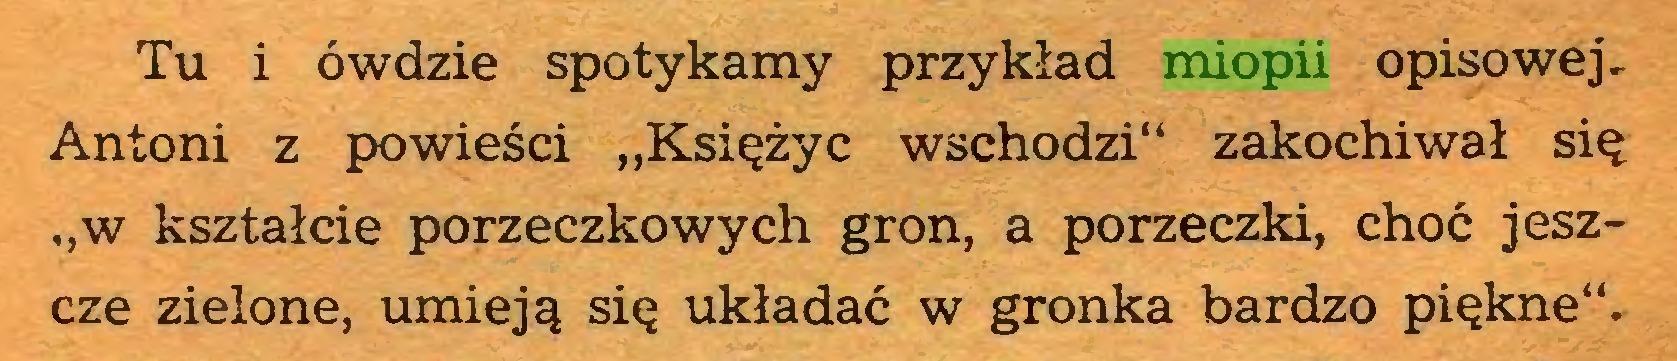 """(...) Tu i ówdzie spotykamy przykład miopii opisowej, Antoni z powieści """"Księżyc wschodzi"""" zakochiwał się """"w kształcie porzeczkowych gron, a porzeczki, choć jeszcze zielone, umieją się układać w gronka bardzo piękne""""..."""